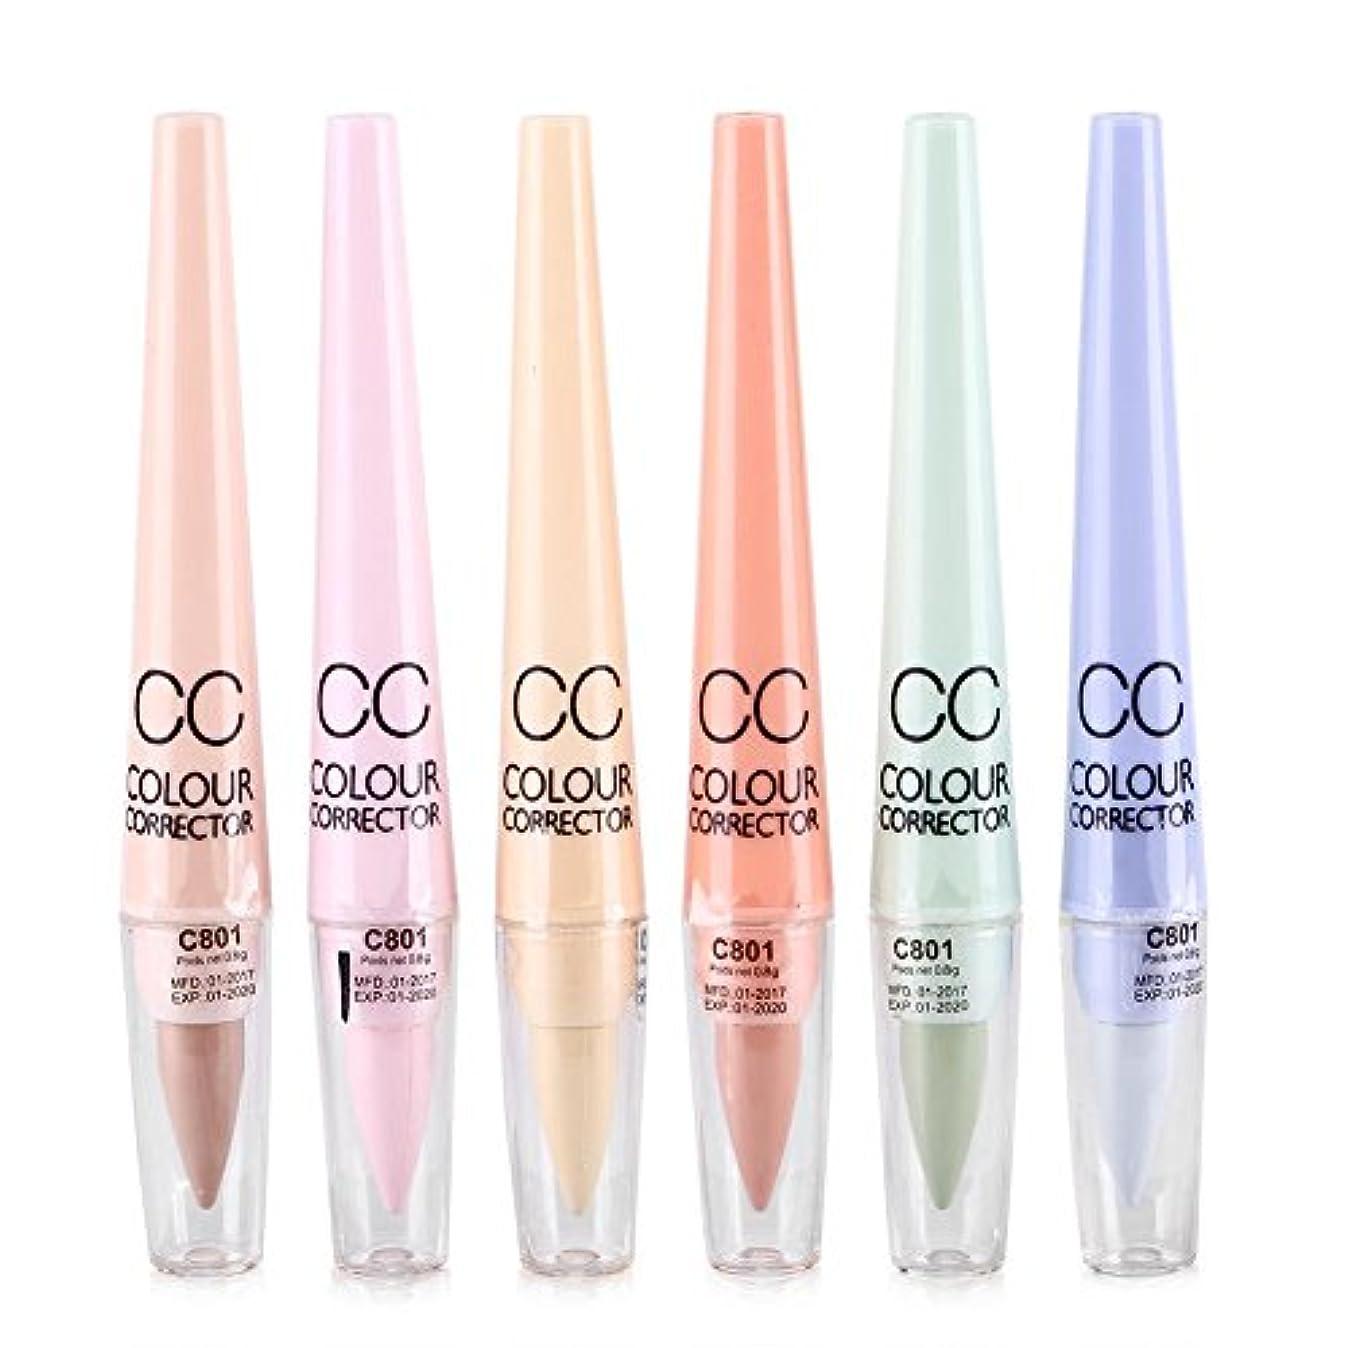 消費するアクセス保護する6本/セット化粧品CCカラーコンシーラーの目ダークサークルスポット鈍さ正しいペンシル蛍光ペン